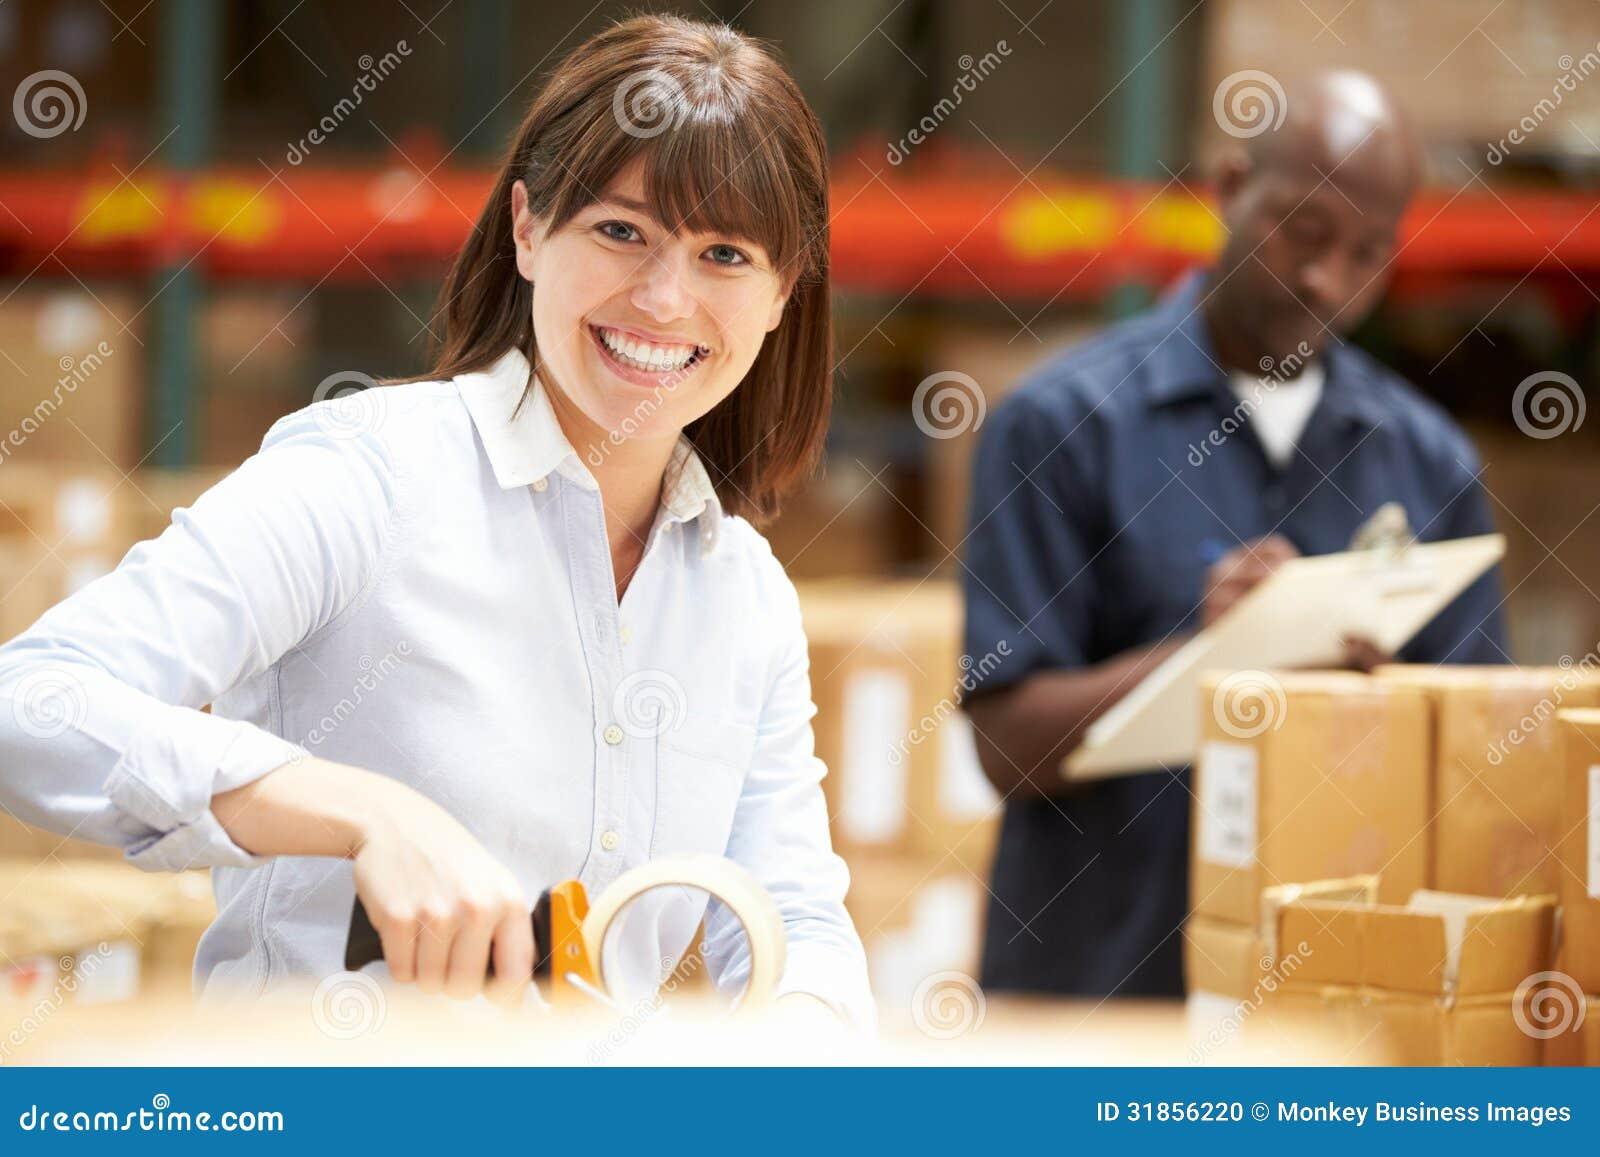 Работники в складе подготавливая товары для отправки